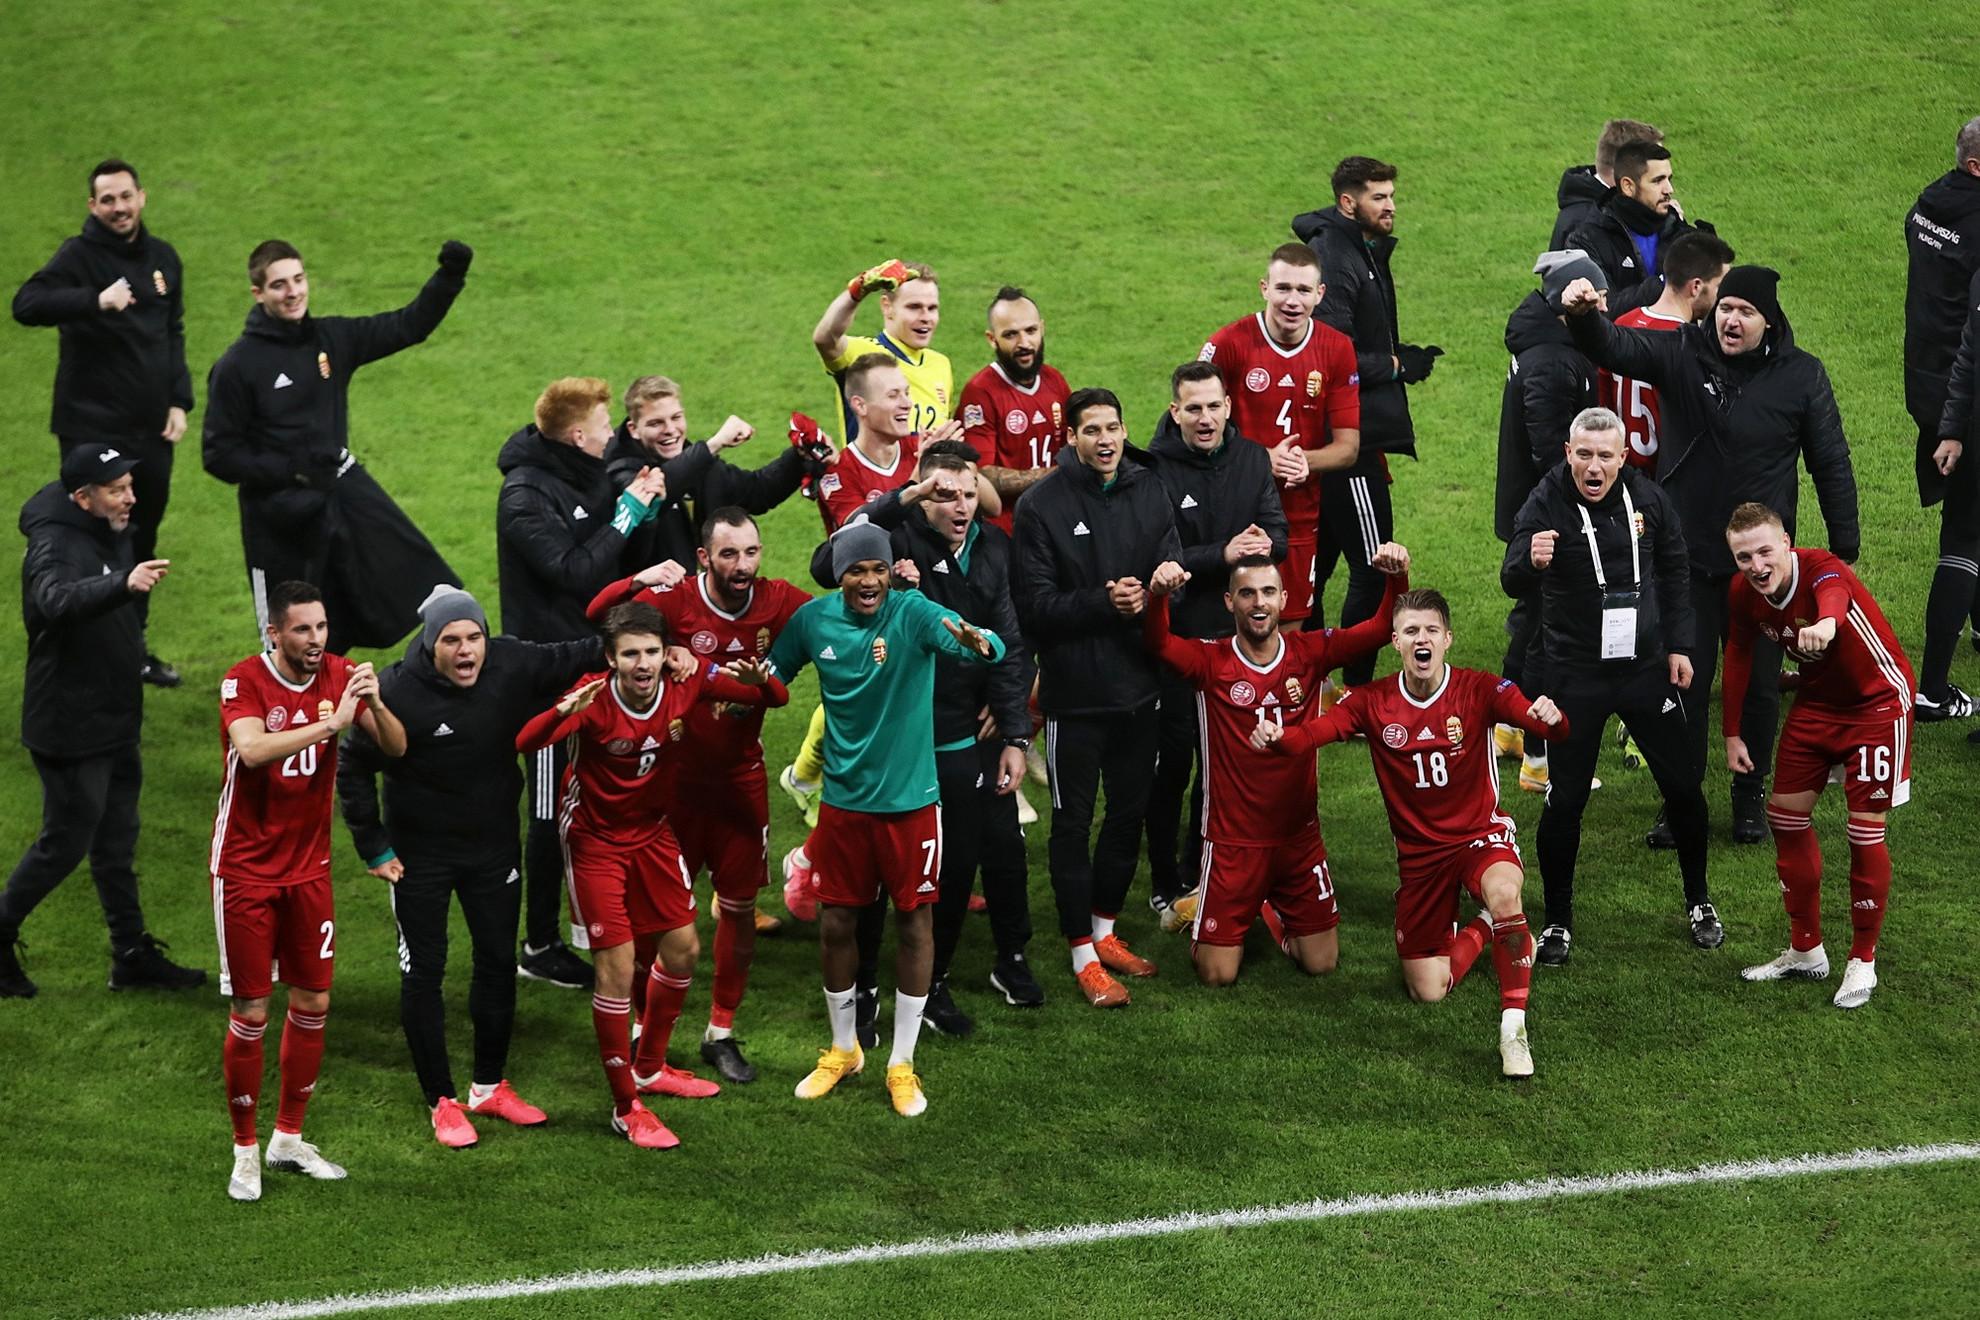 A magyar labdarúgó-válogatott megnyerte csoportját a Nemzetek Ligája másodosztályát jelentő B divízióban